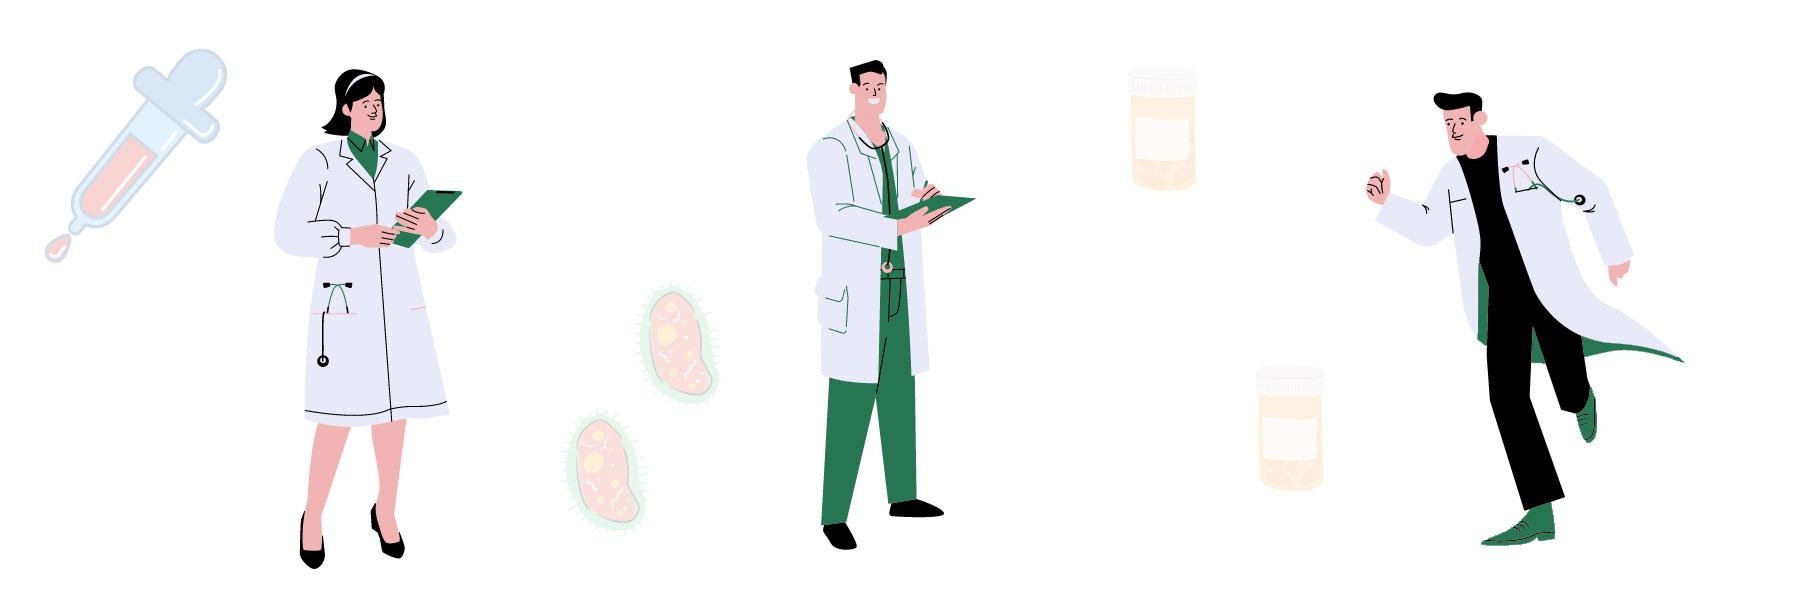 laboratorio-analisi-mediche-san-giorgio-pavia-san-genesio-uniti-milano-13